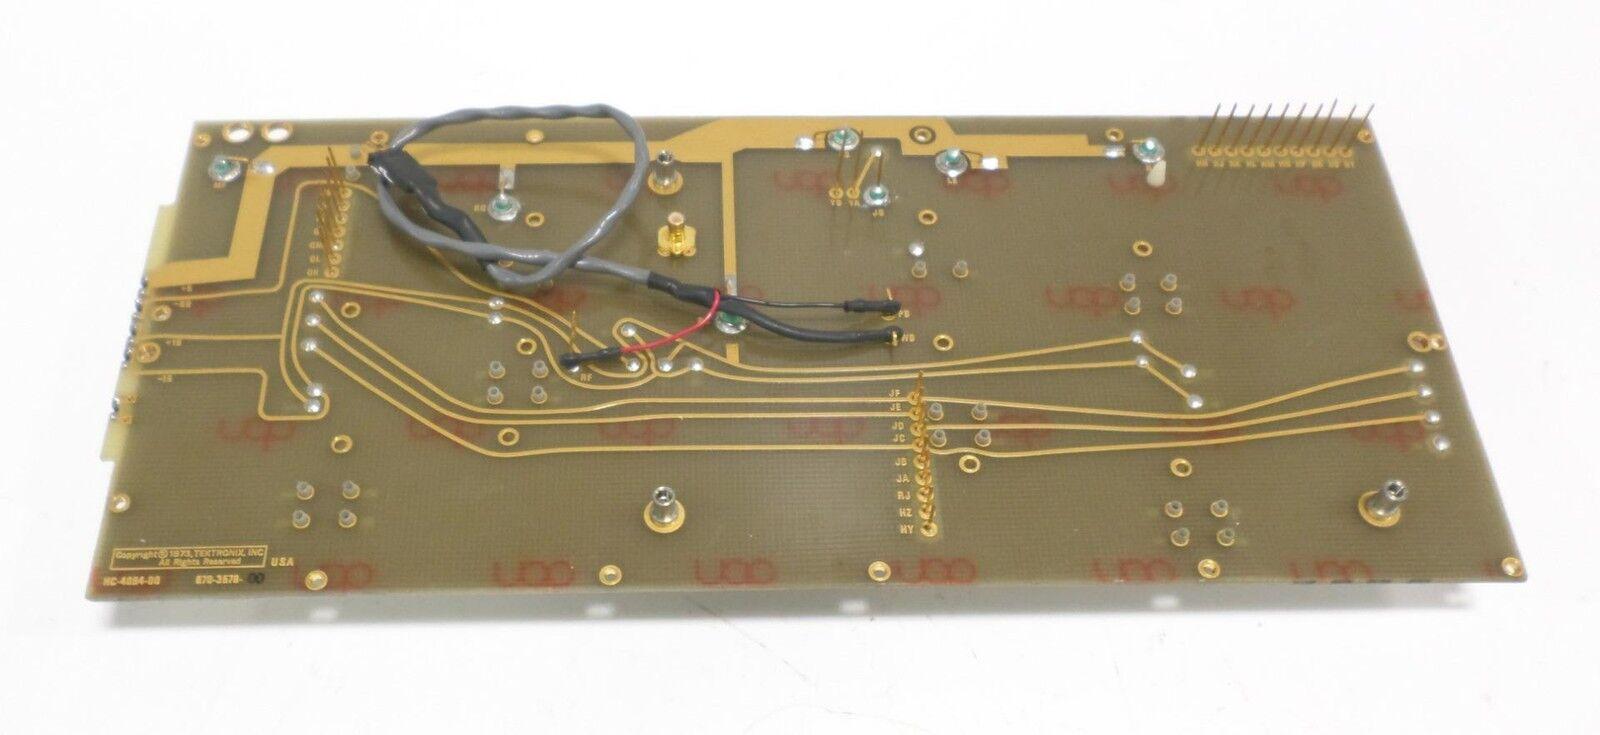 TEKTRONIX CIRCUIT BOARD 670-3578-00   HC-4094-00